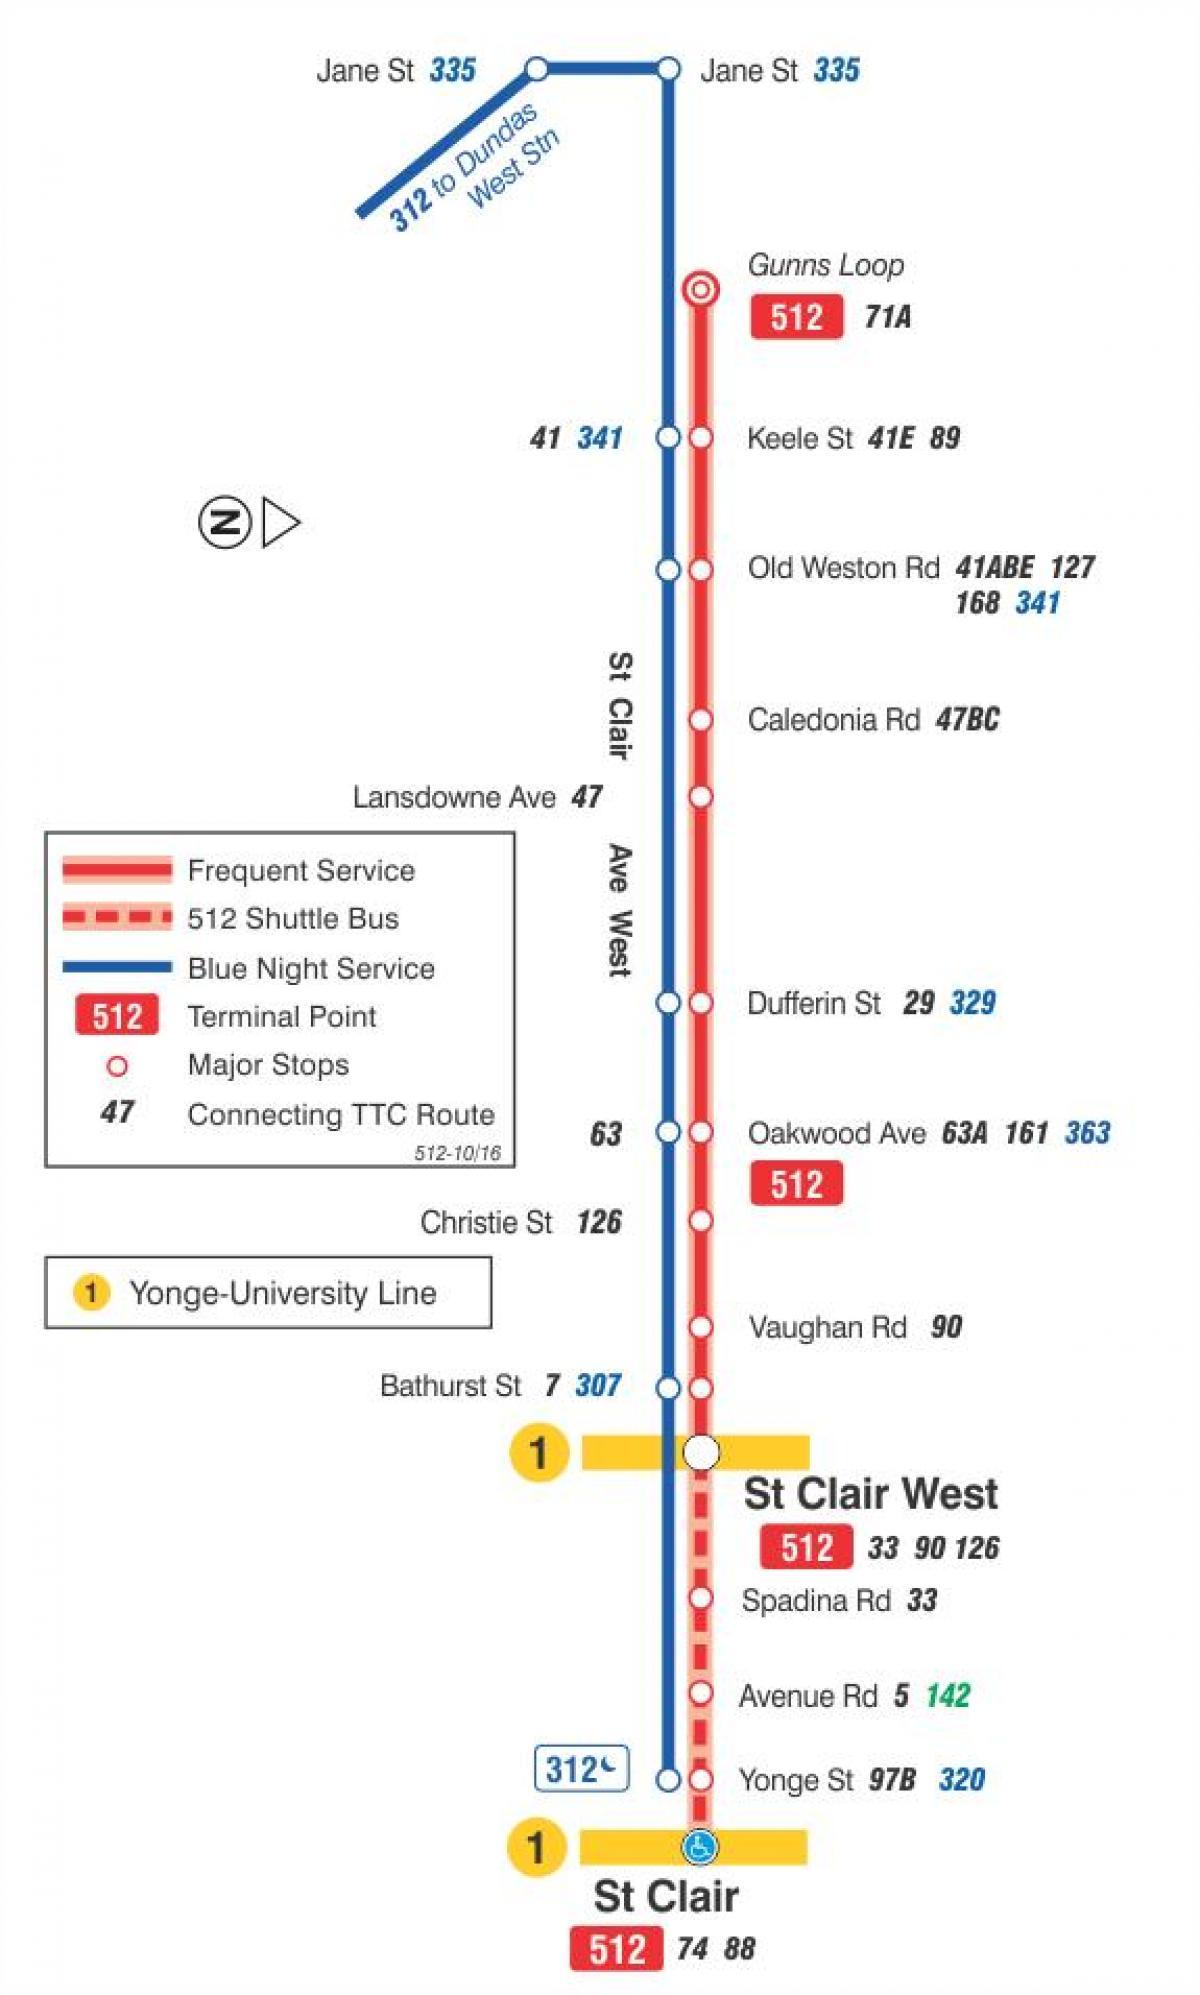 trikk kart Trikk linje 512 St. Clair kart   Kart over trikk linje 512 St  trikk kart